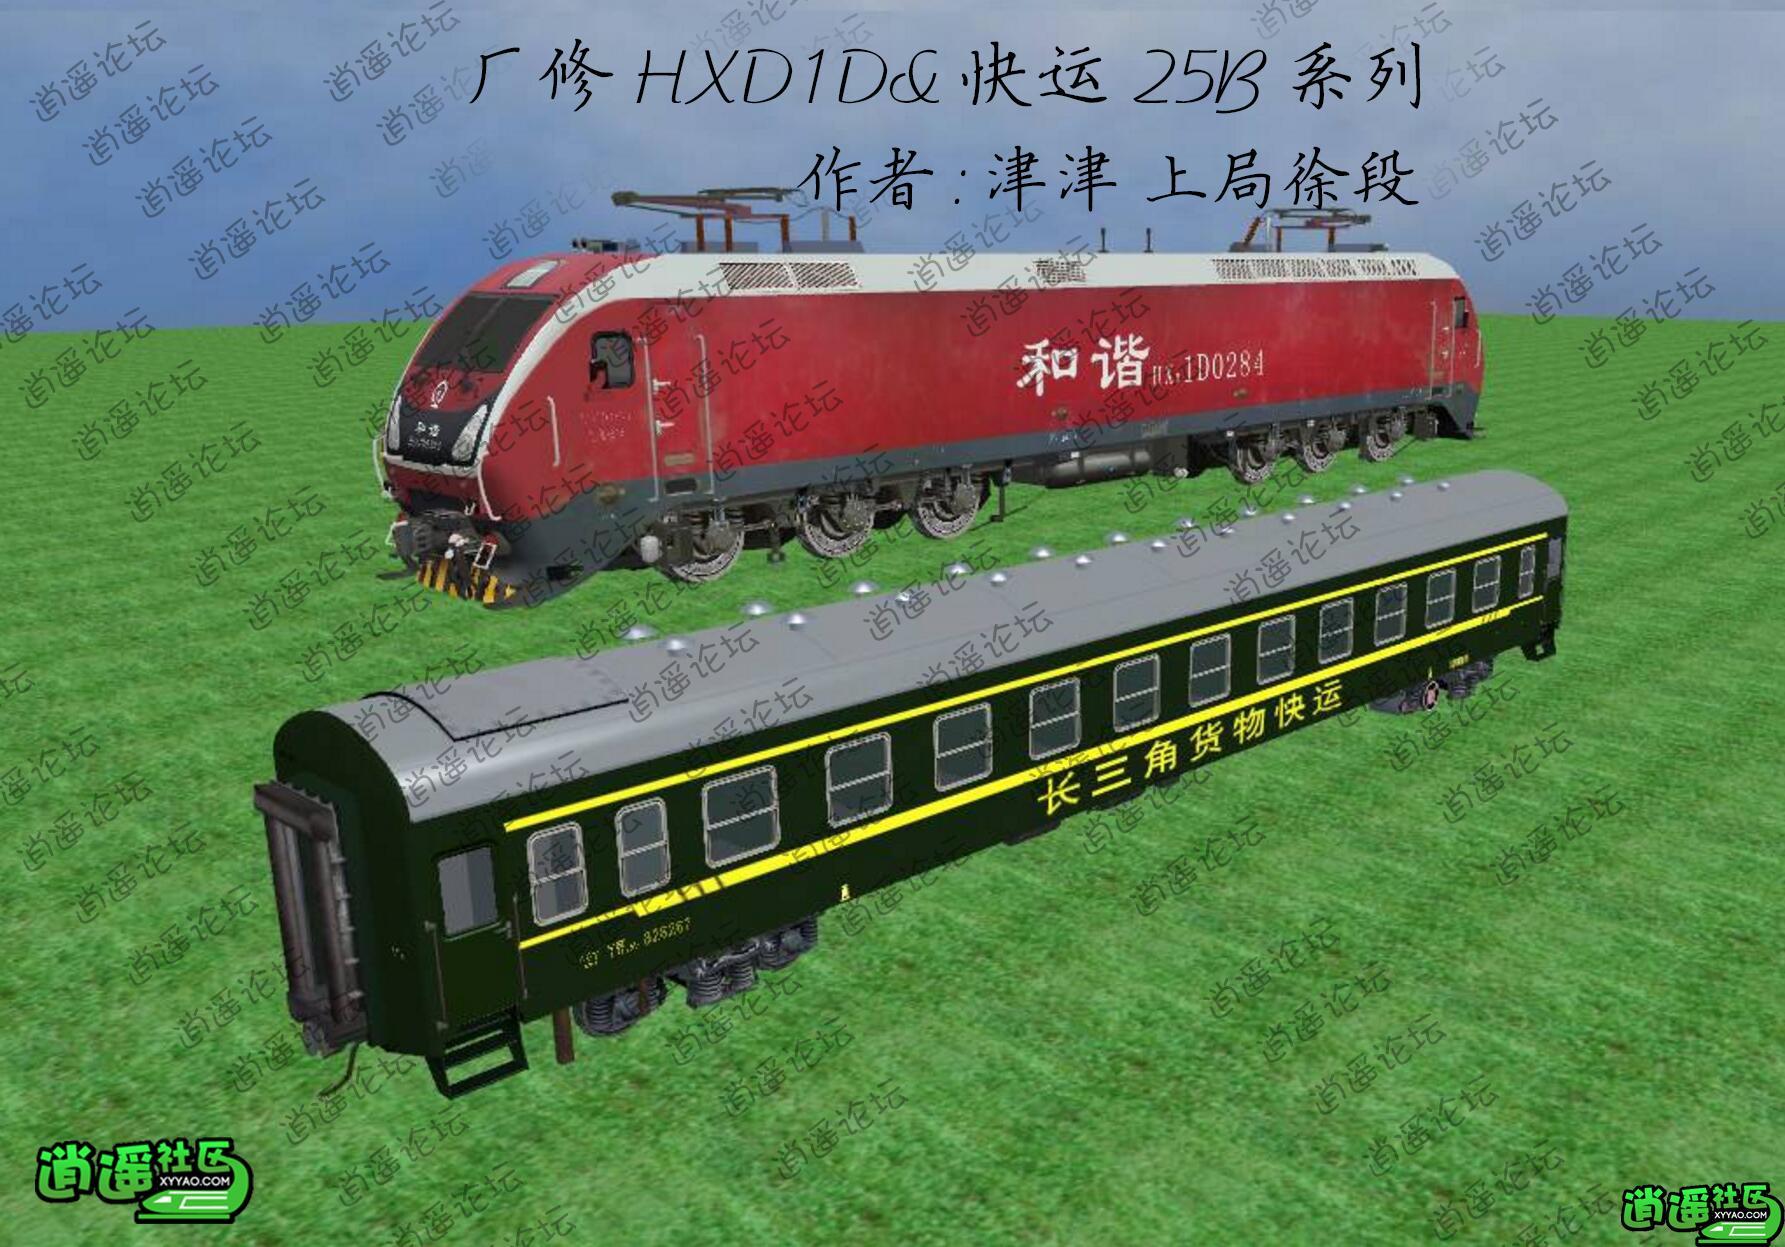 厂修HXD1D